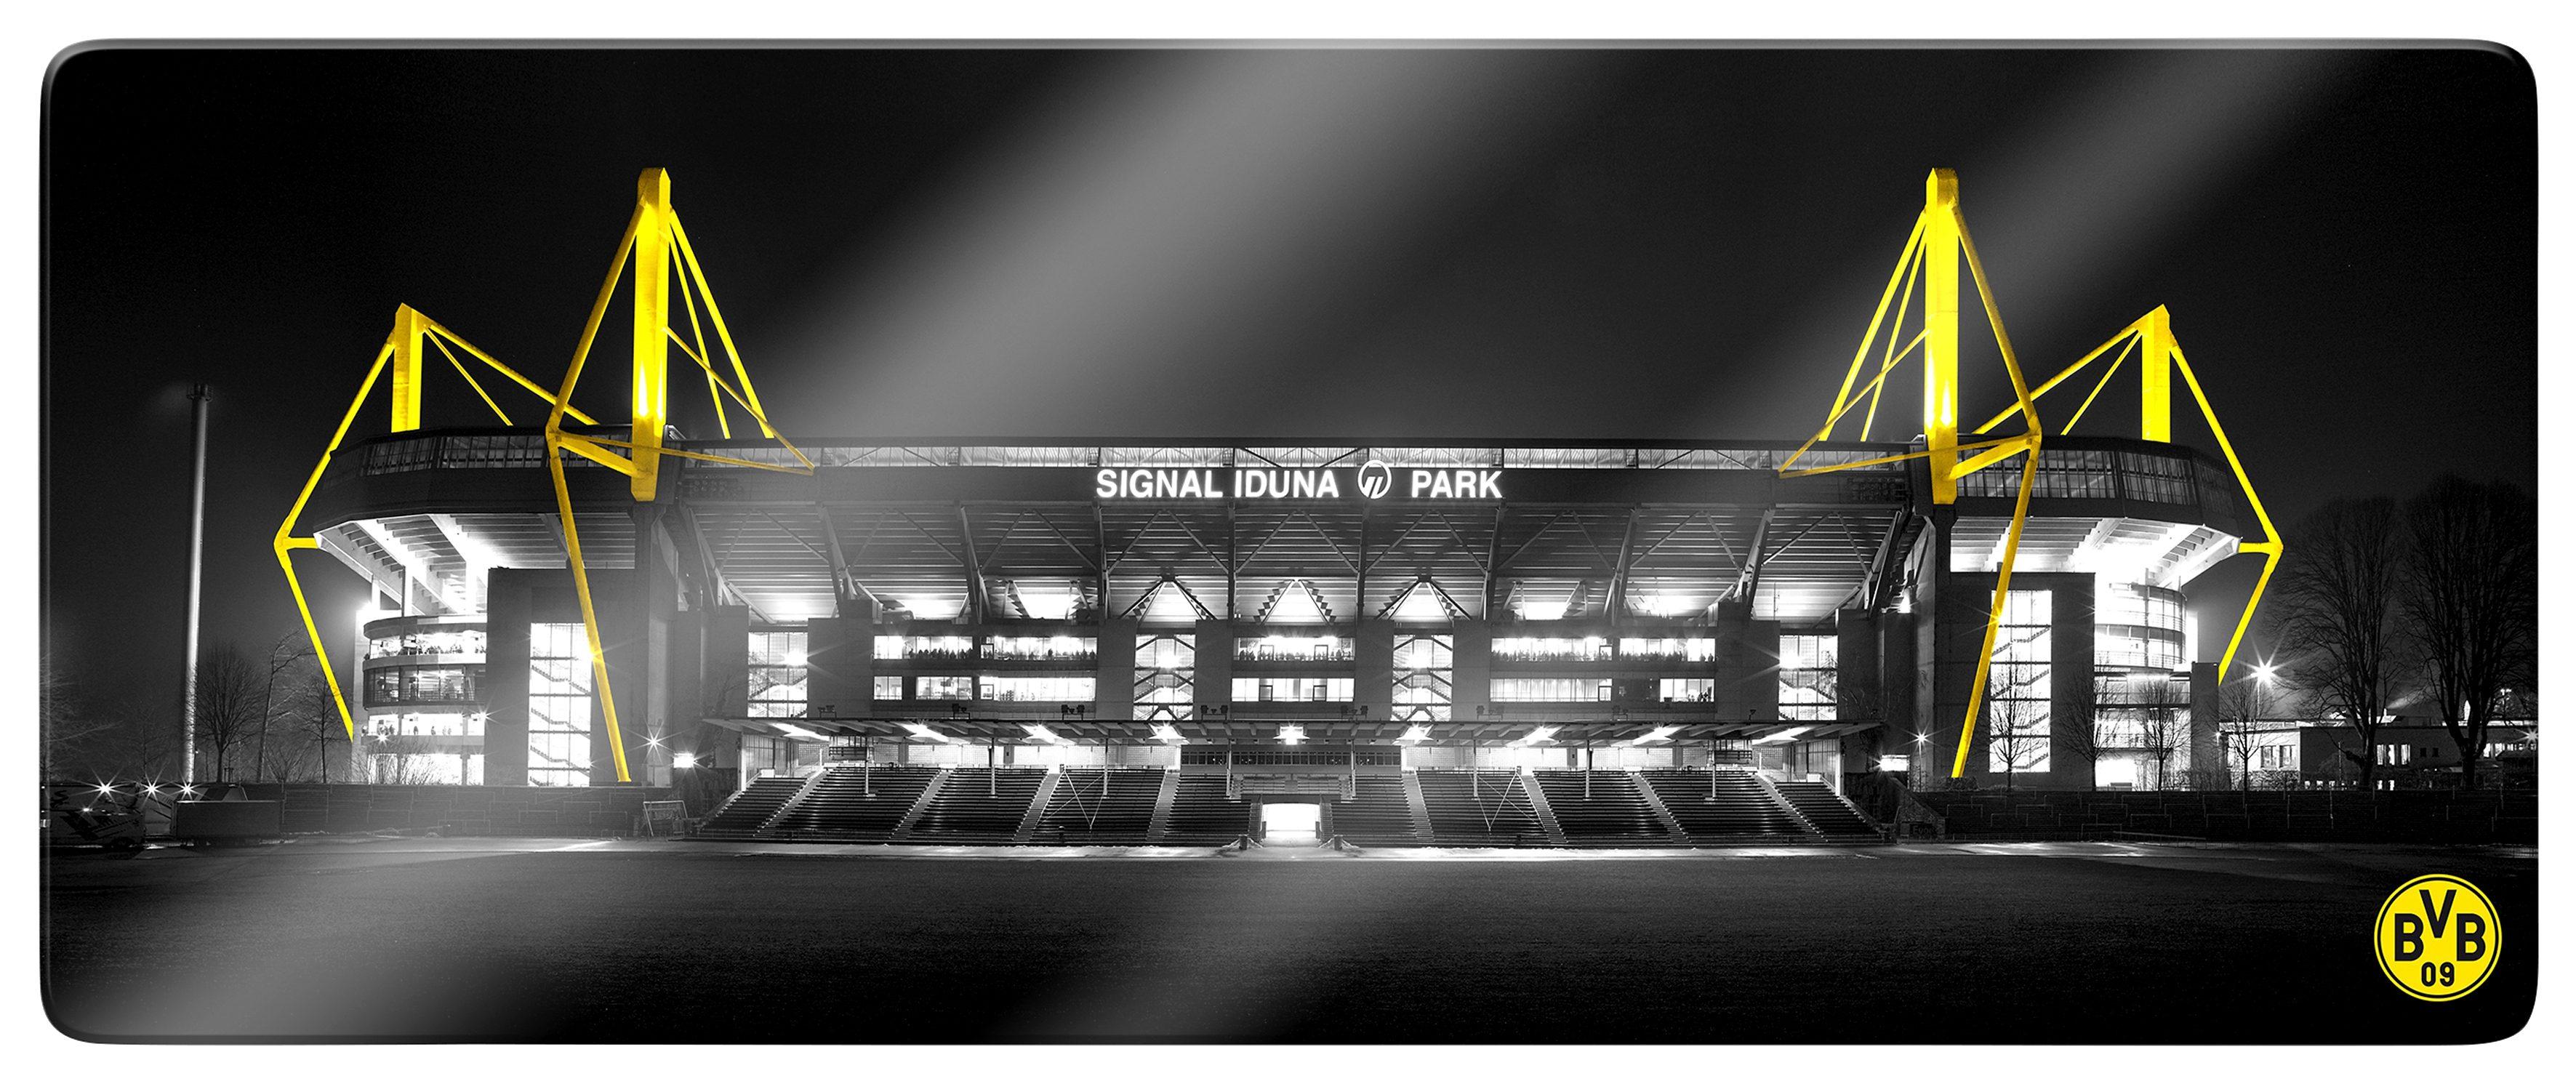 Glasbild »BVB Signal Iduna Park«, Fußball, 100/40 cm